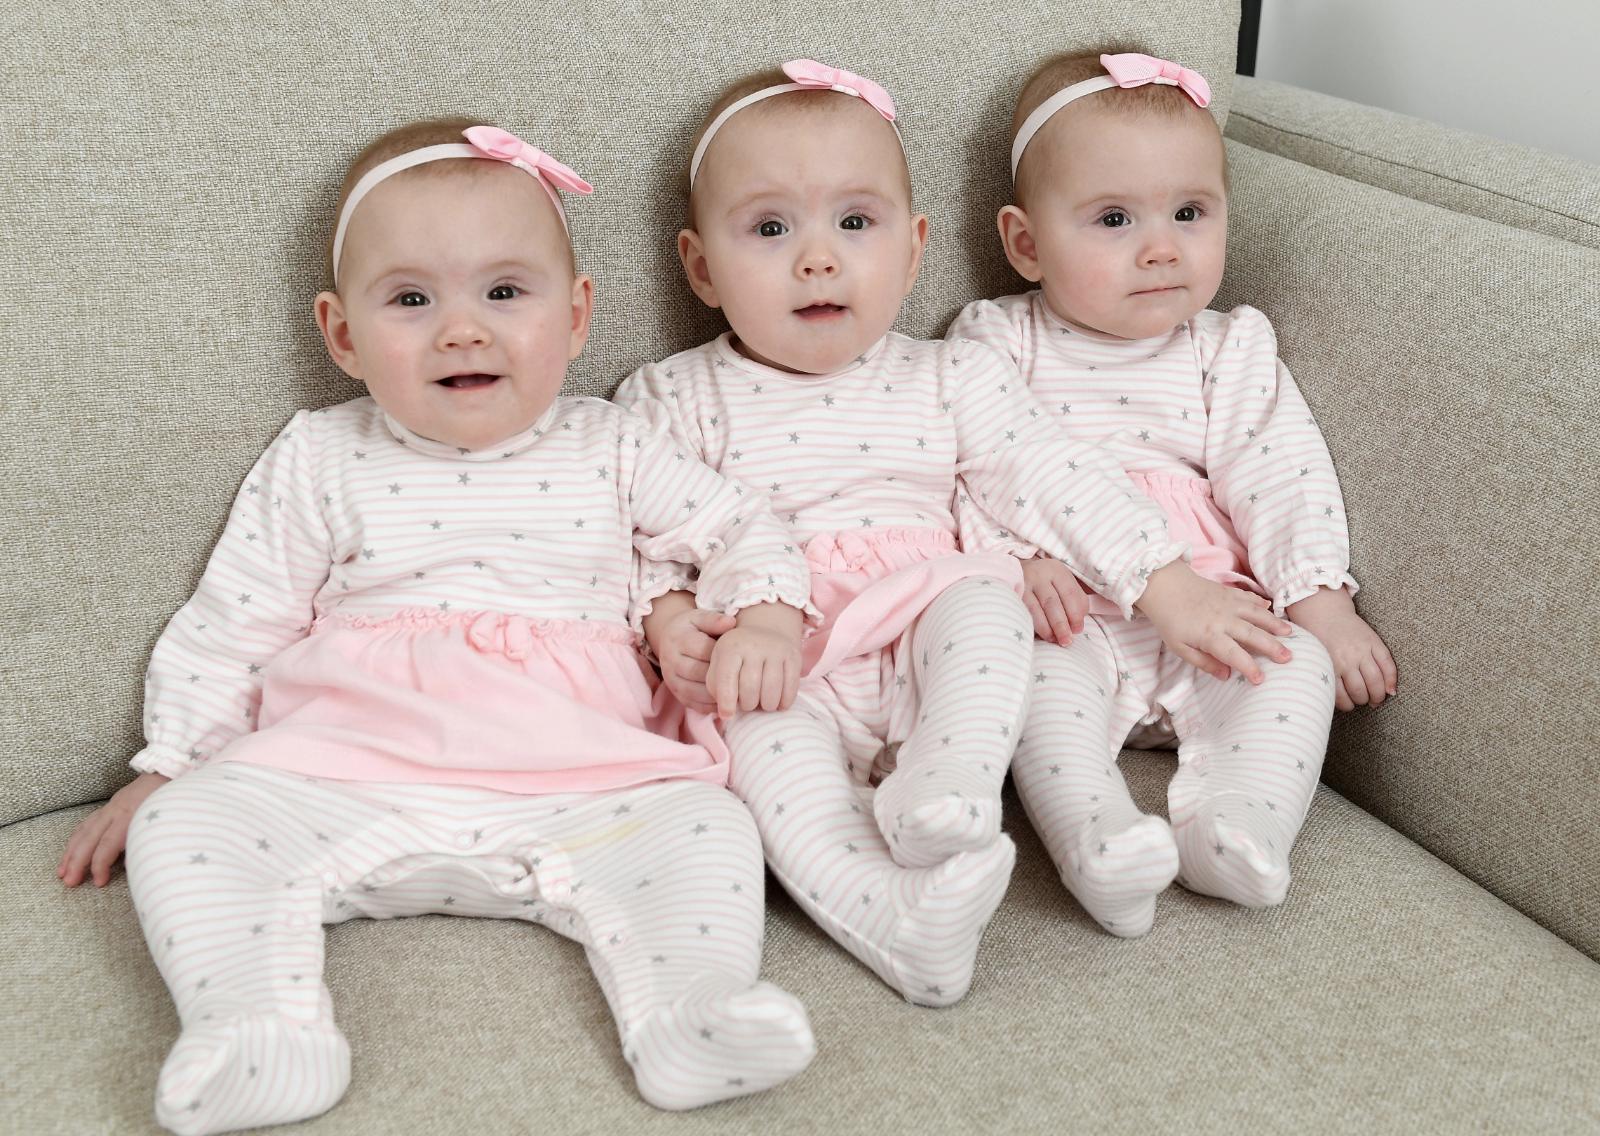 Giải mã giấc mơ thấy mình sinh ba đứa trẻ – Thông điệp từ giấc mơ